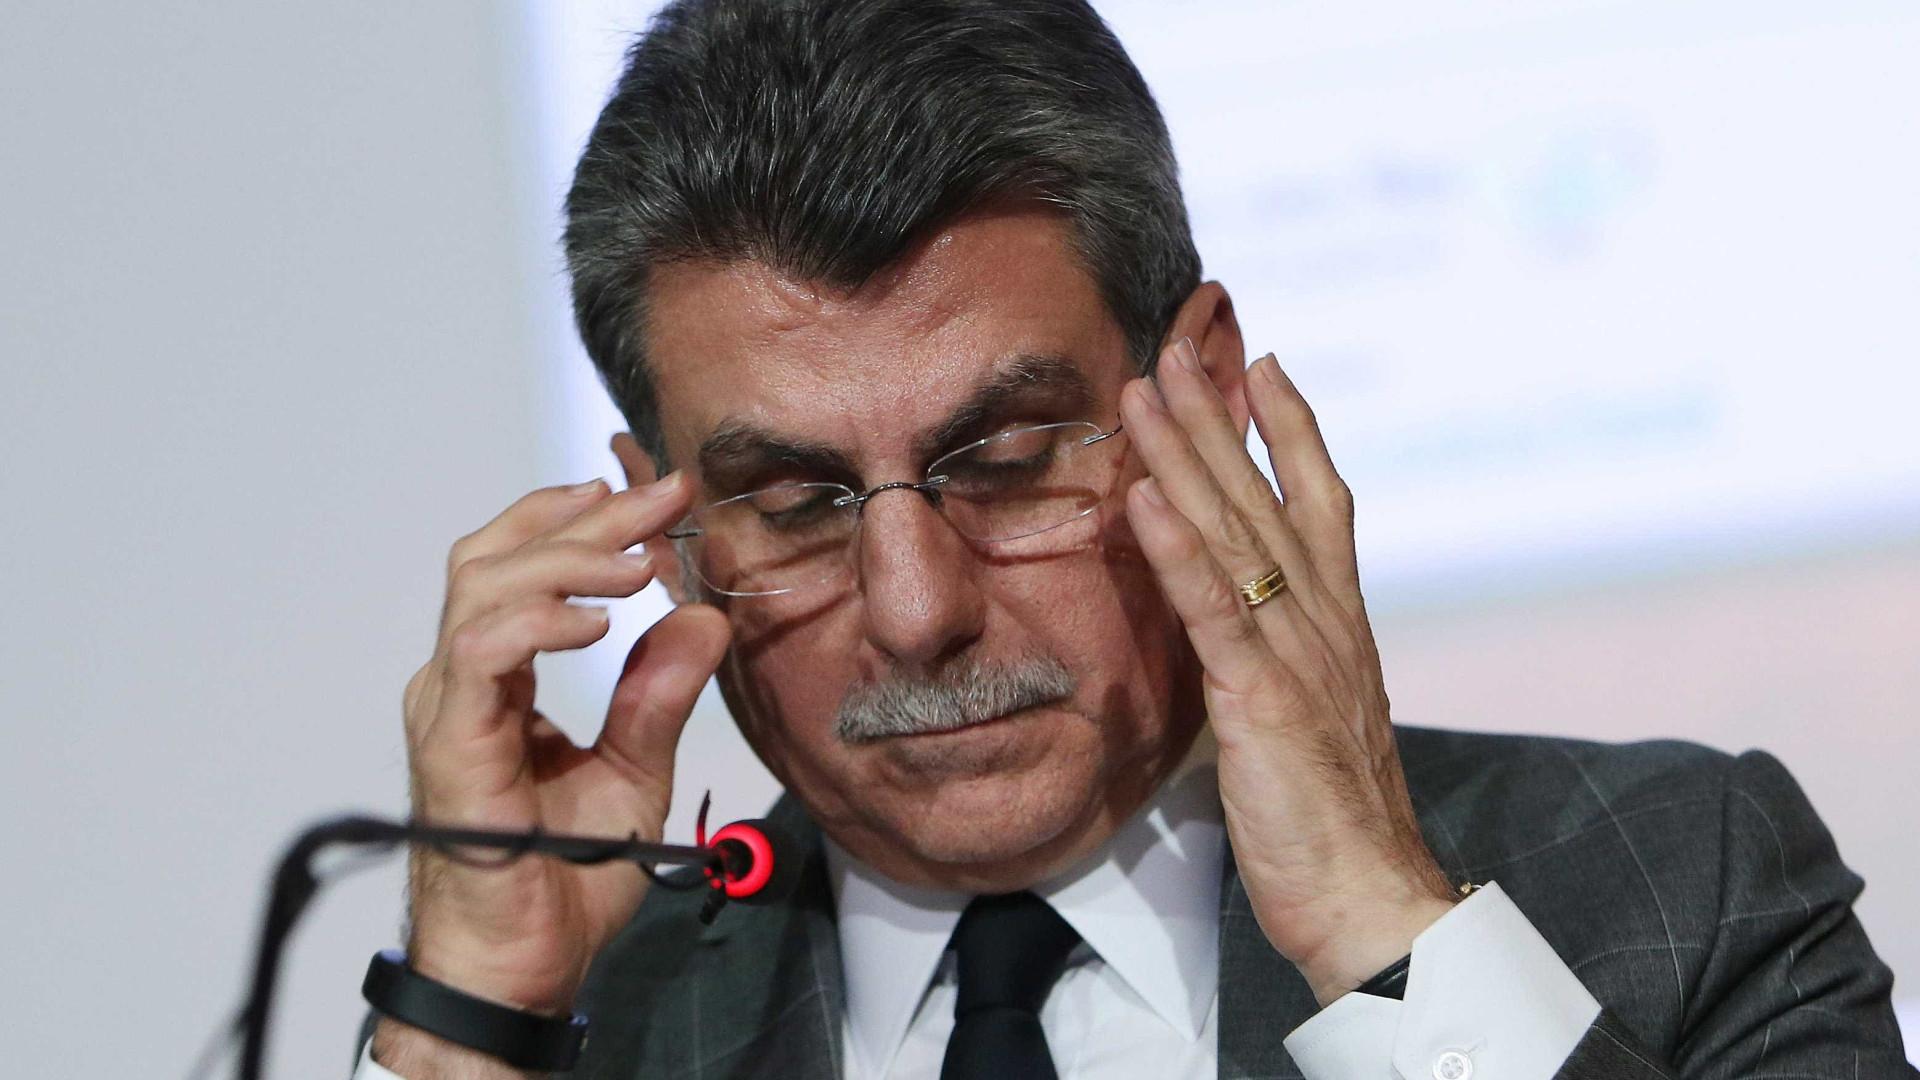 Réu no STF, Jucá diz que estão 'tentando criminalizar a política'